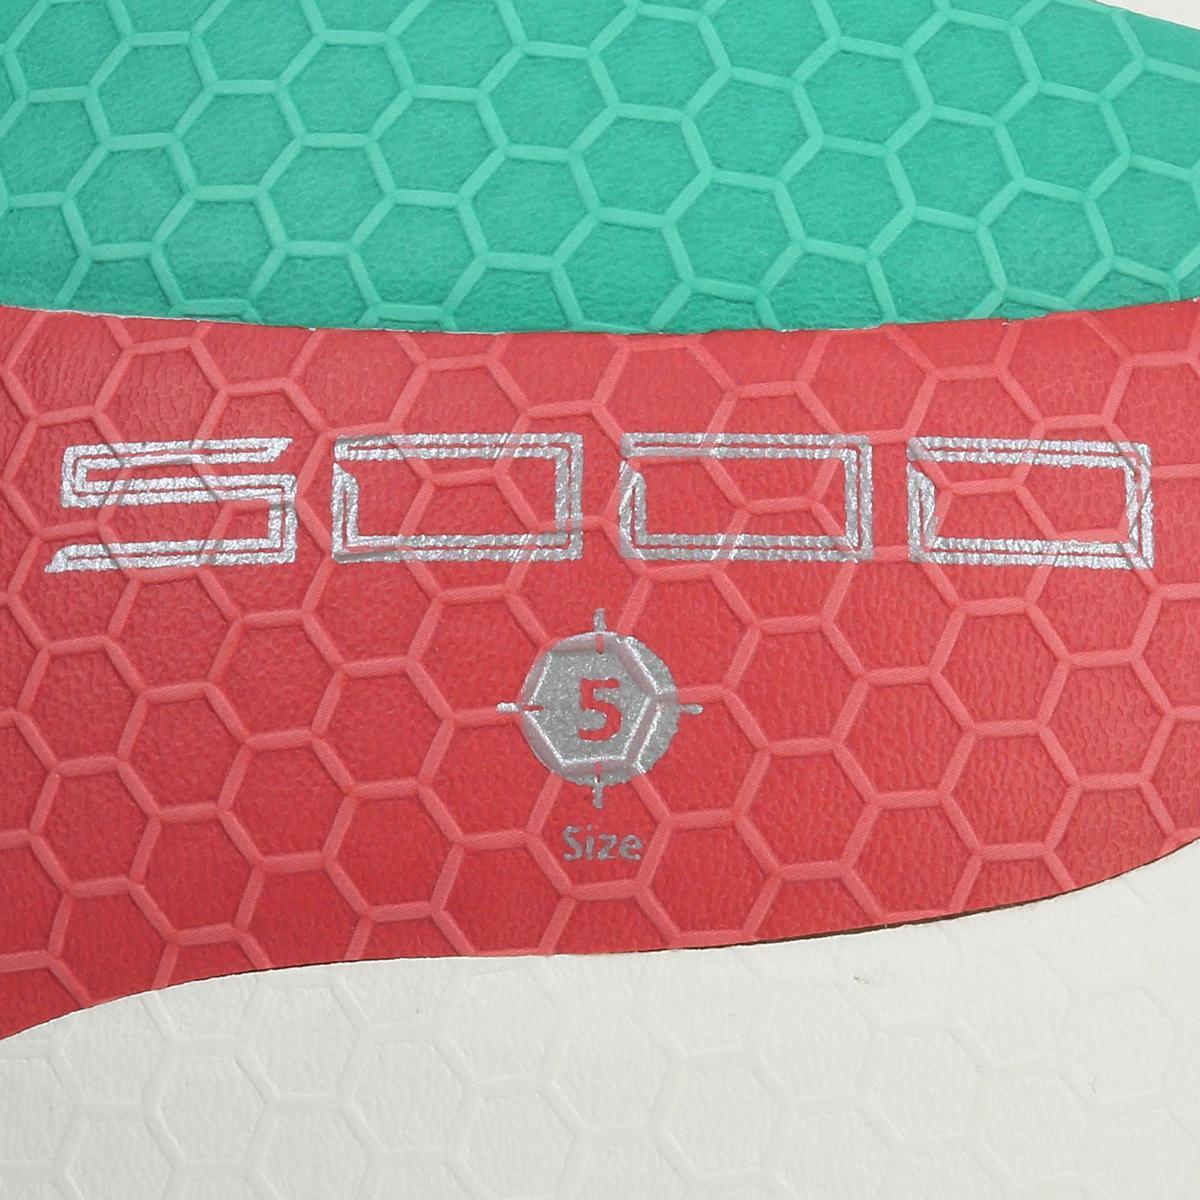 Bild 3 von Volleyball Molten 5000 Indoor grün/rot